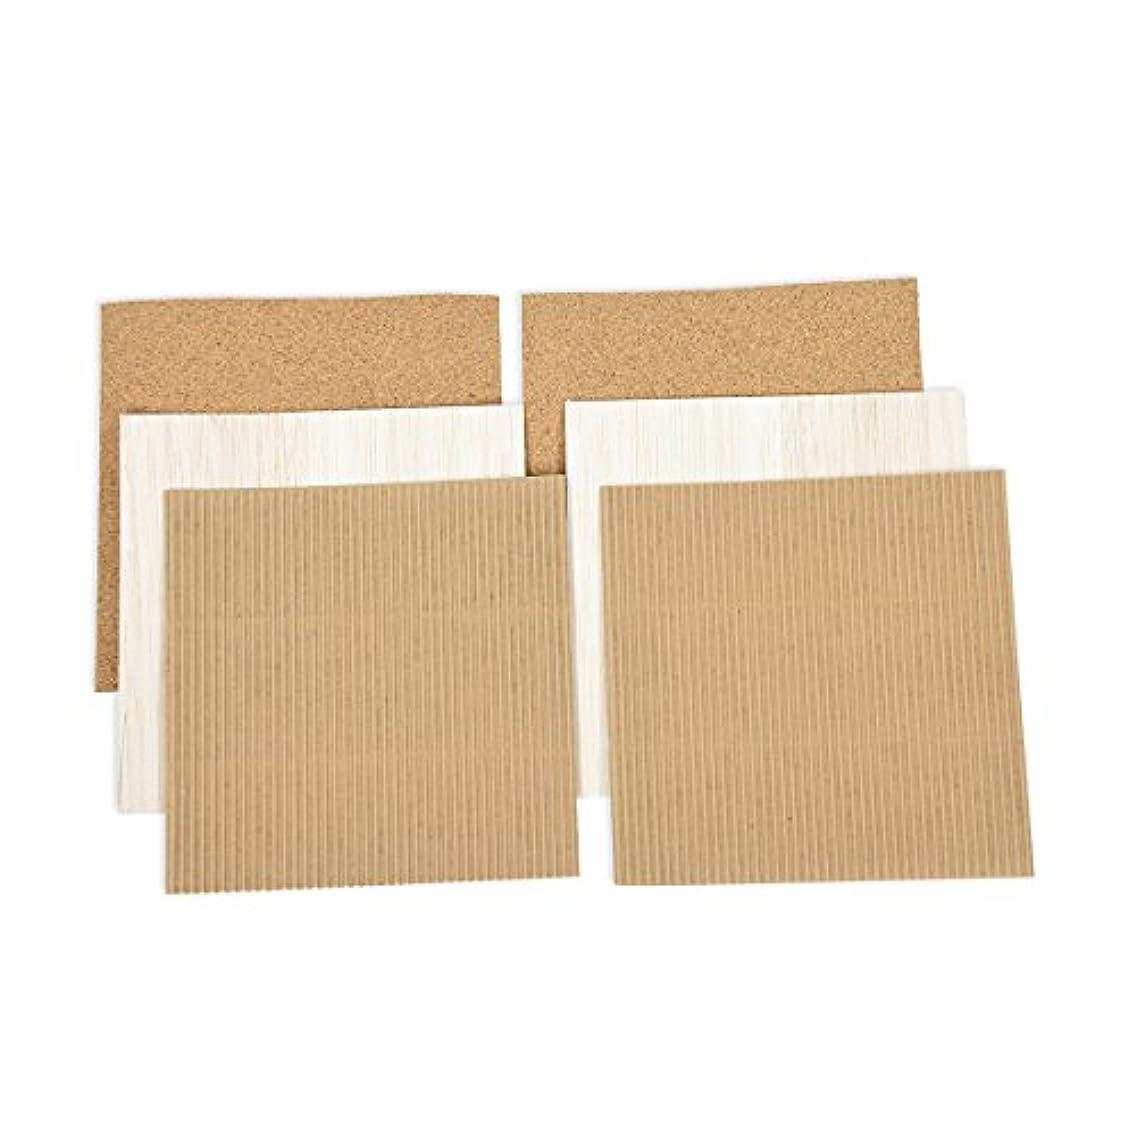 Spellbinders Platinum Pack 5 x 6in Cork, Cardboard, Wood Sheets